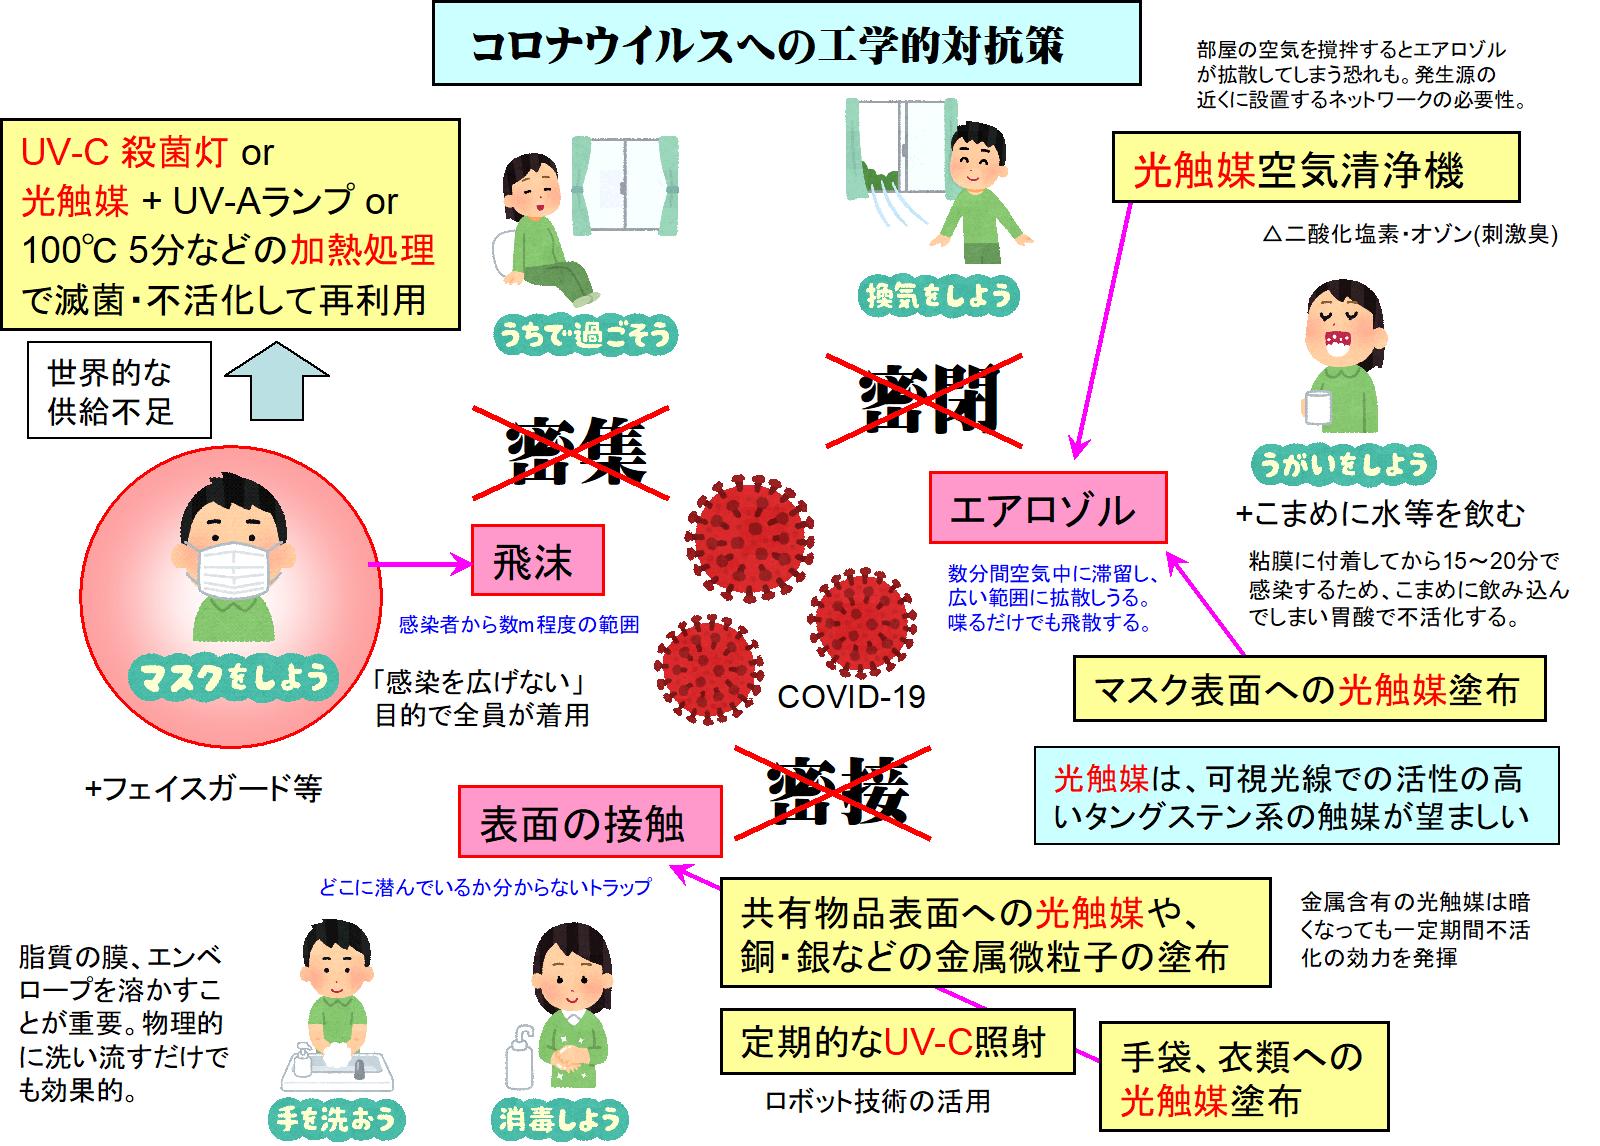 アウト ウイルス 効果 産業 シャット 東亜